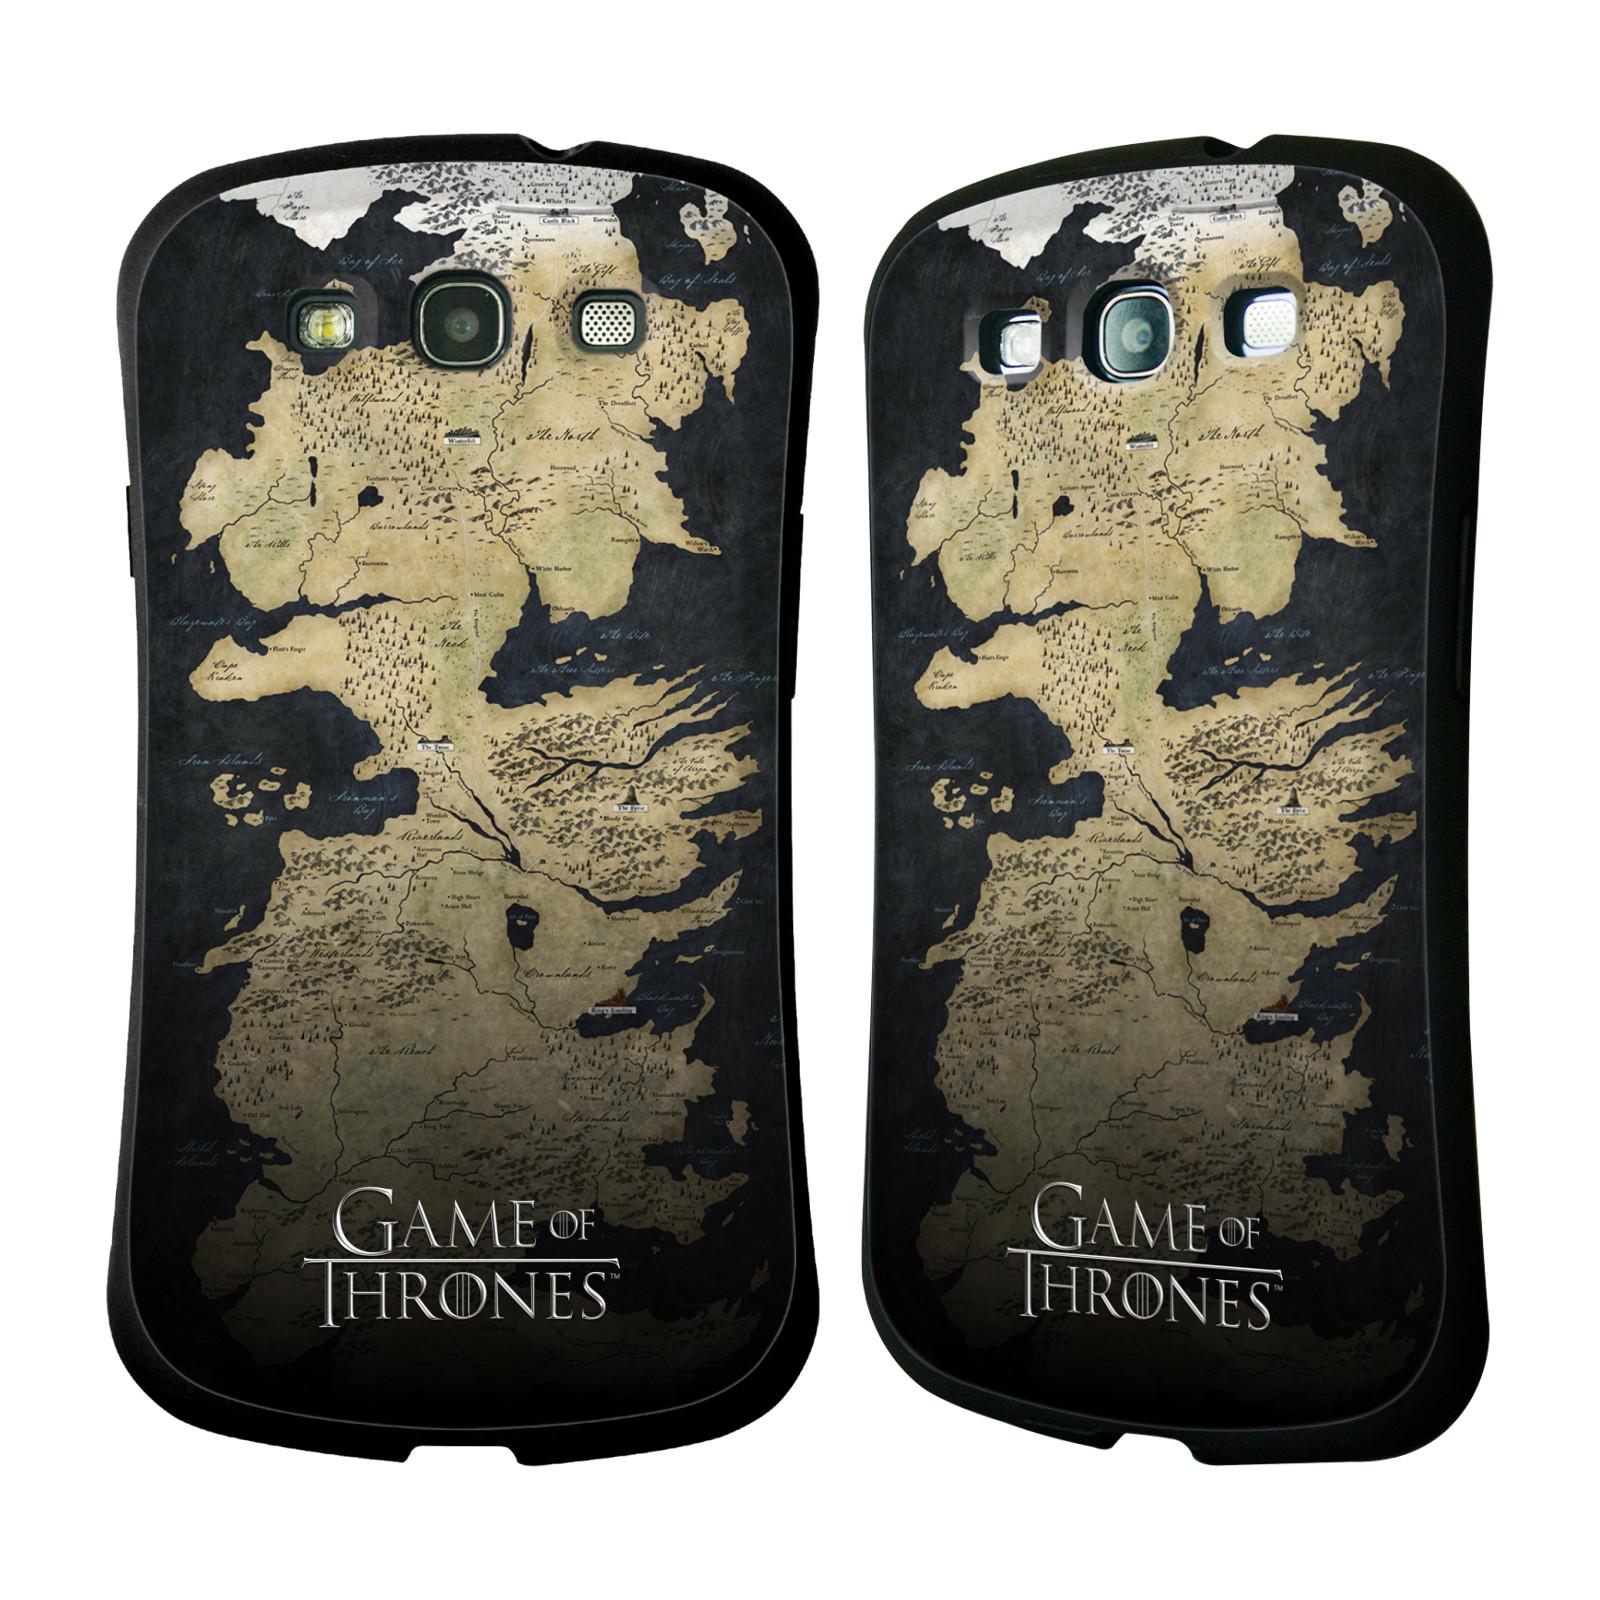 HEAD CASE silikon/plast odolný obal na mobil Samsung Galaxy S3 i9300 / S3 NEO Hra o trůny mapa Západozemí